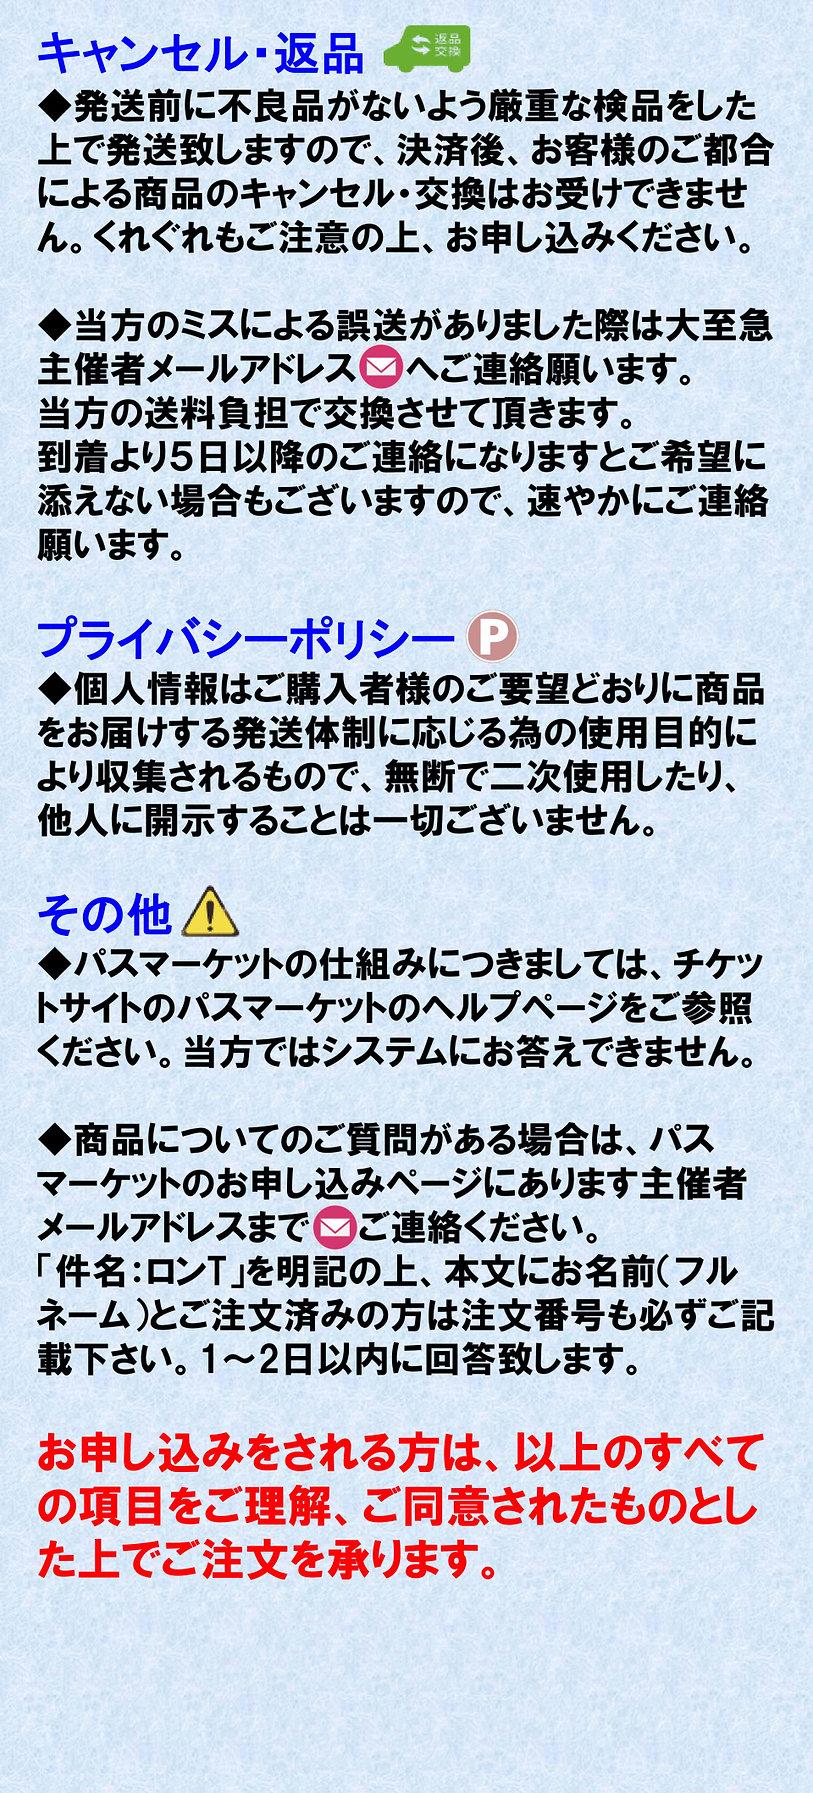 ロンTフェア20212月_案内-4.jpg